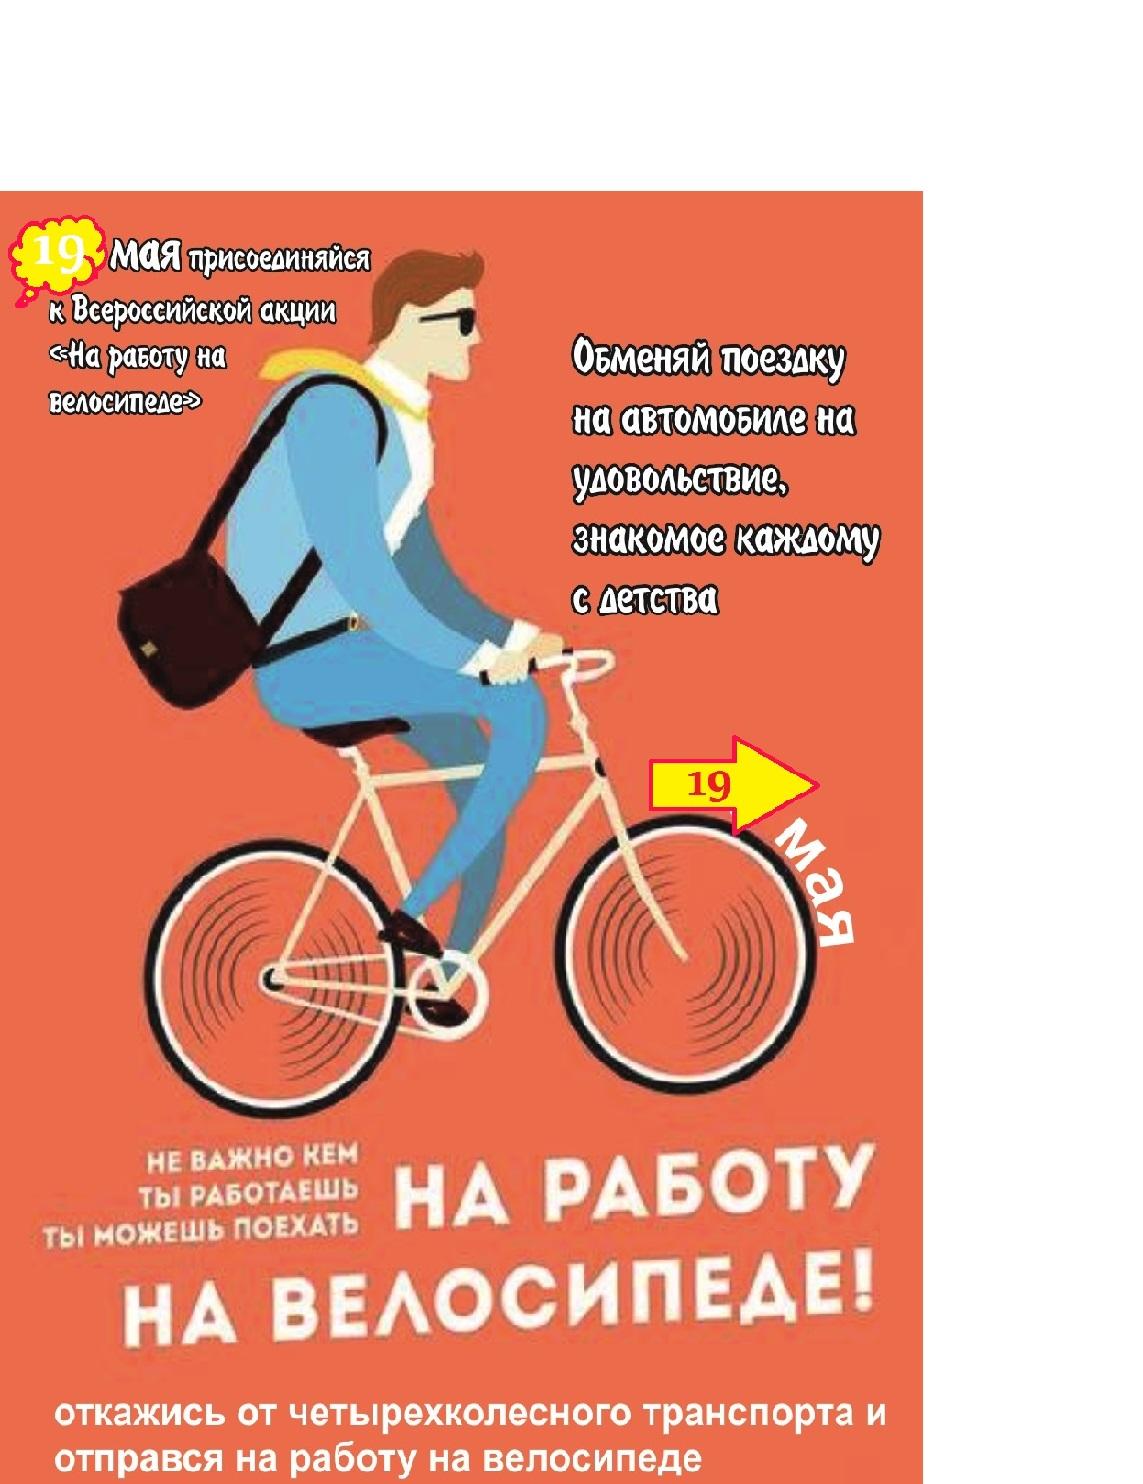 Как украсить велосипед своими руками на конкурс